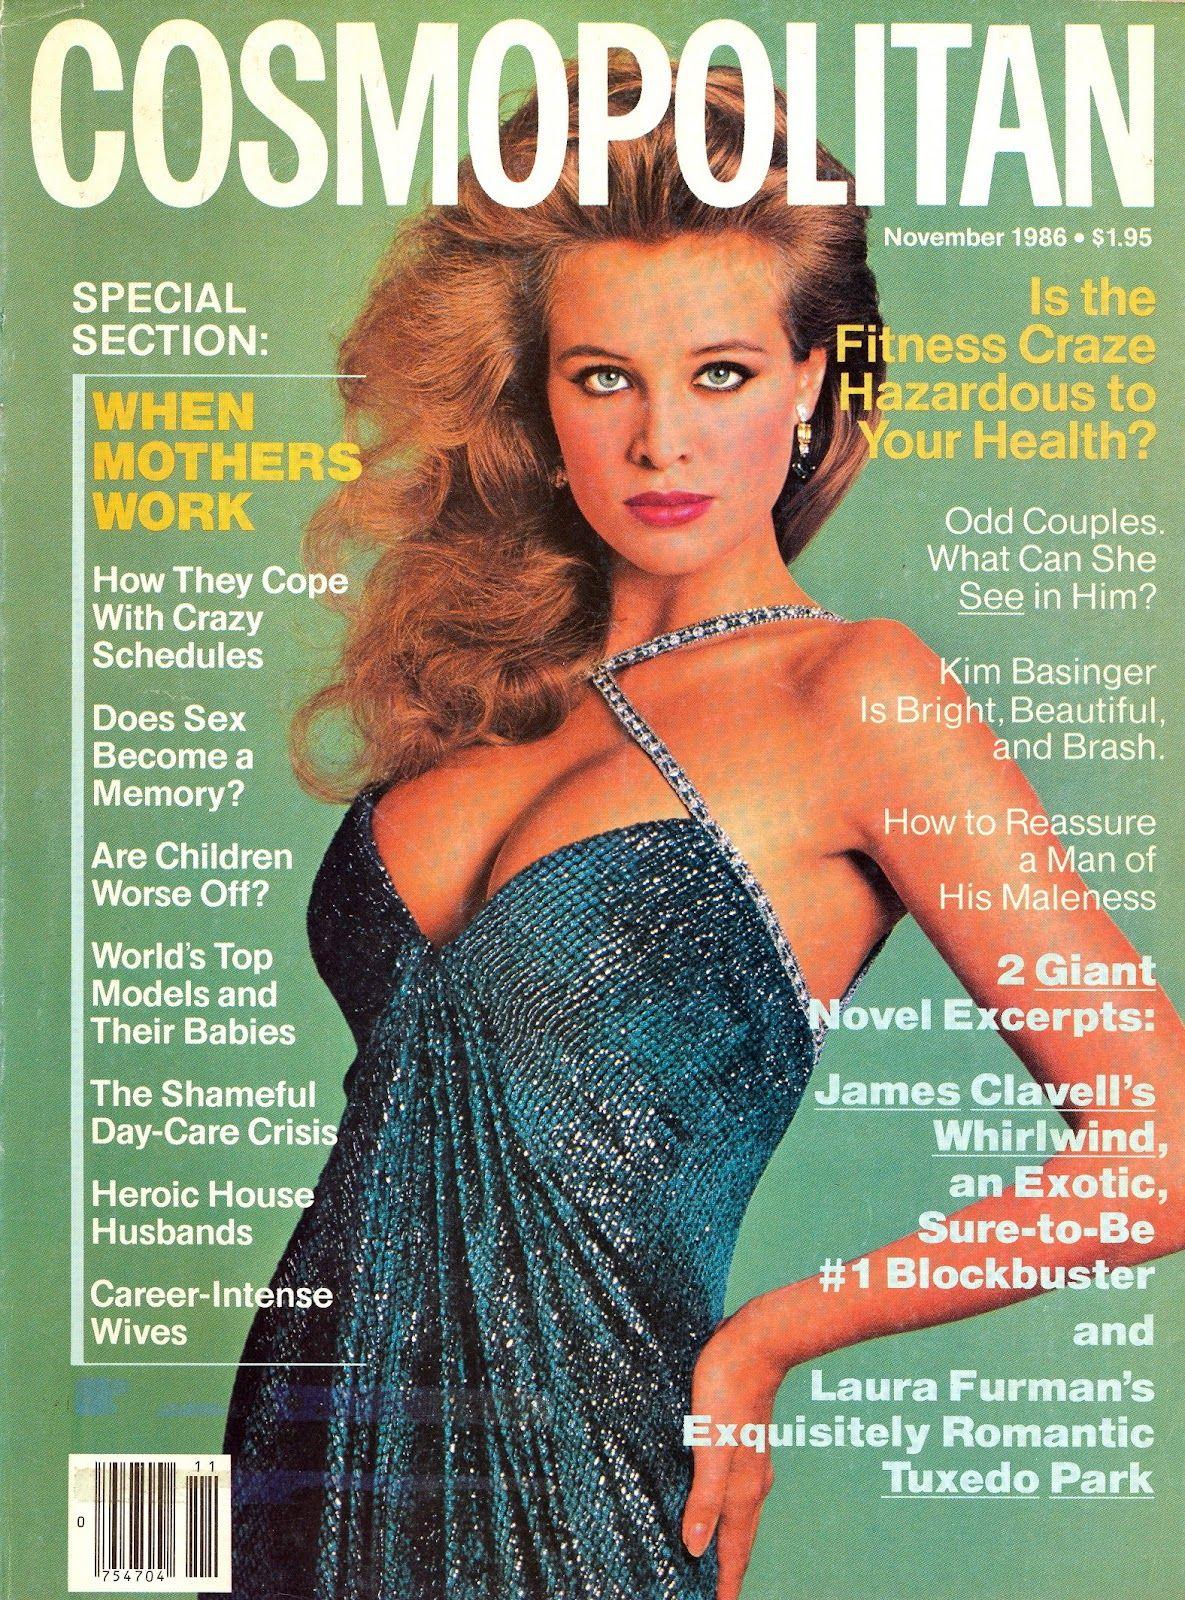 ff18b41f79a Cosmopolitan magazine